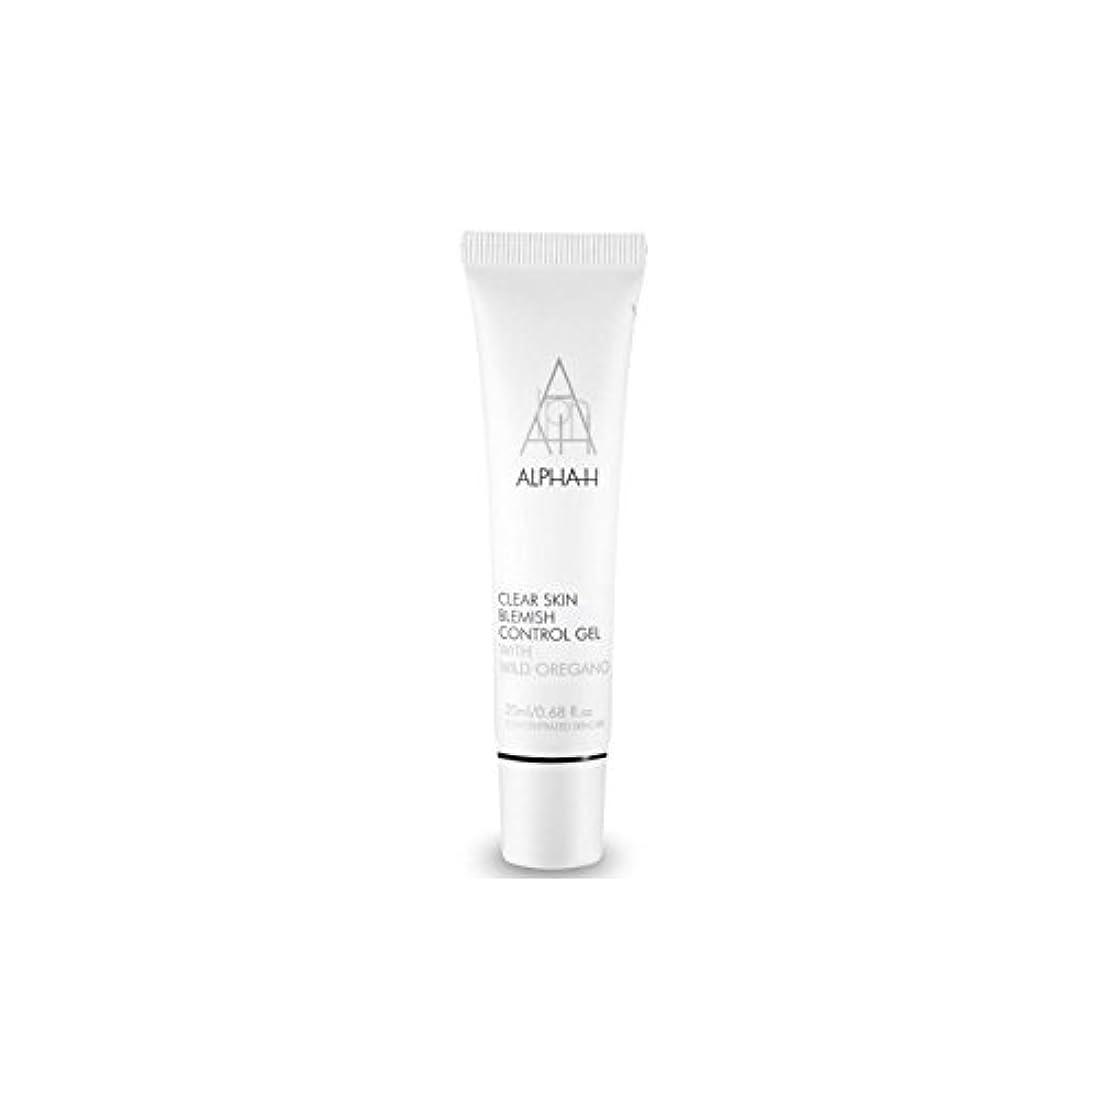 見る人規制する粘土アルファクリア皮膚傷制御ゲル(20)中 x4 - Alpha-H Clear Skin Blemish Control Gel (20ml) (Pack of 4) [並行輸入品]